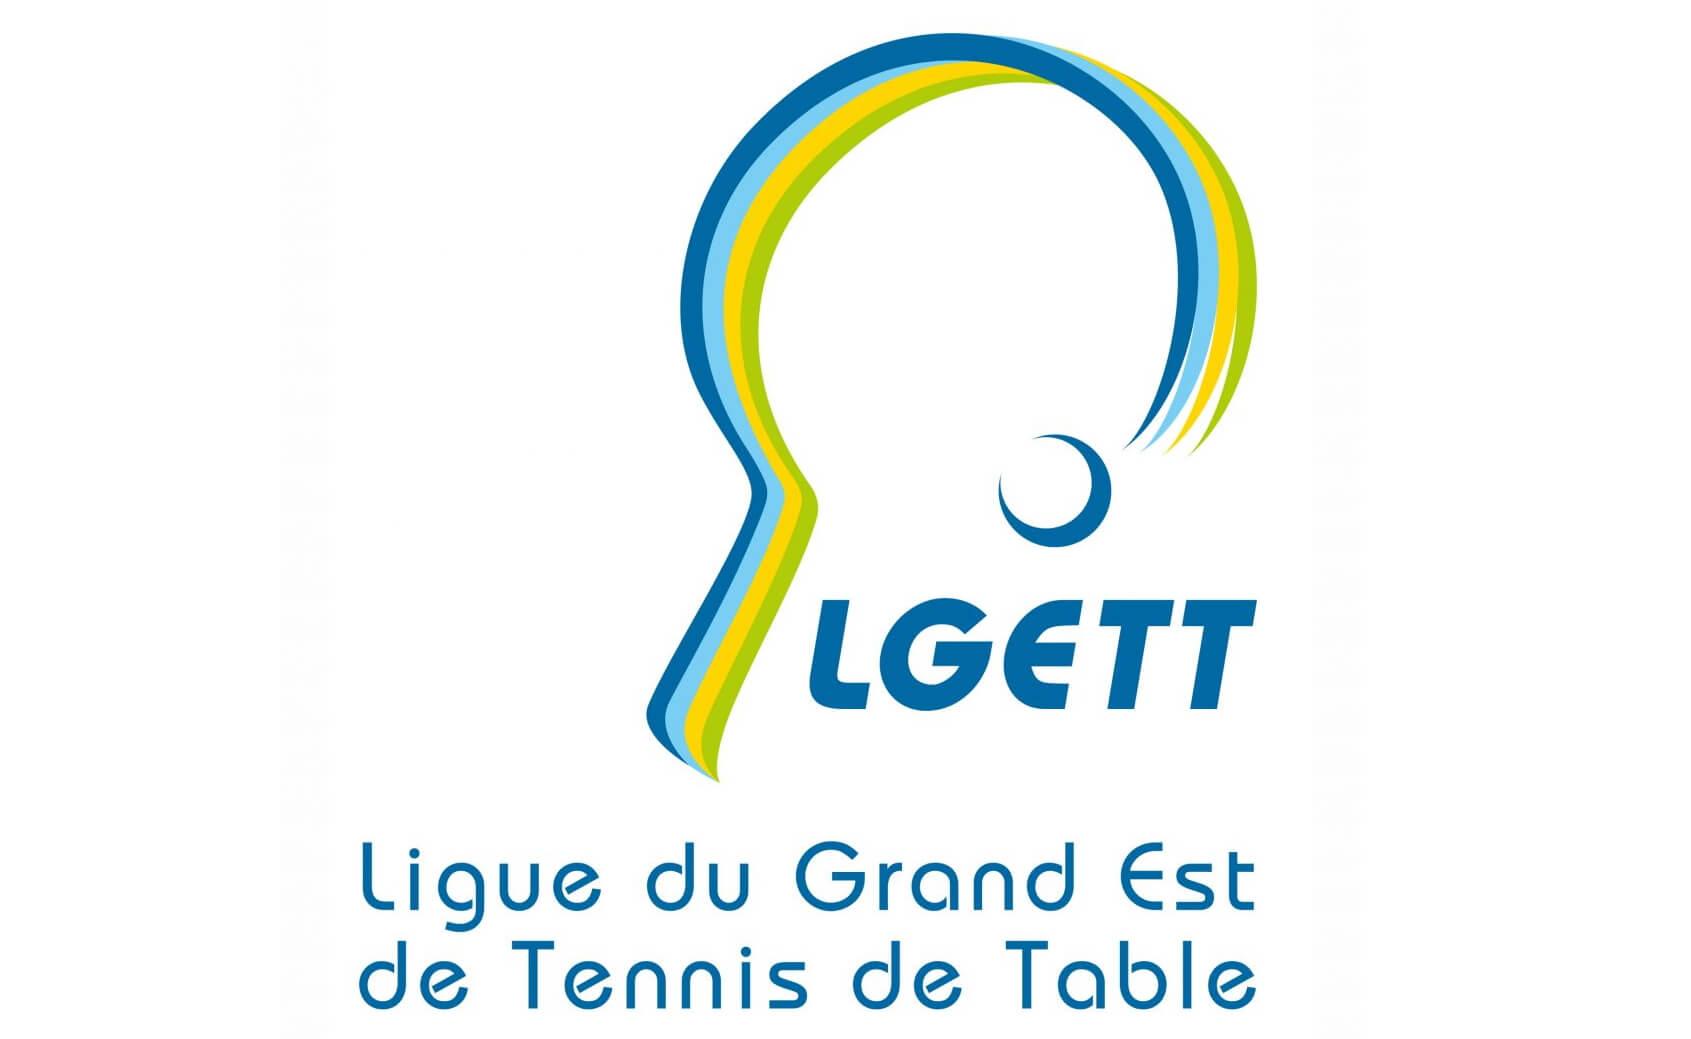 LGETT Saison 2019-2020 :  Résultats et résumés de la 1ère et 2ème phase.